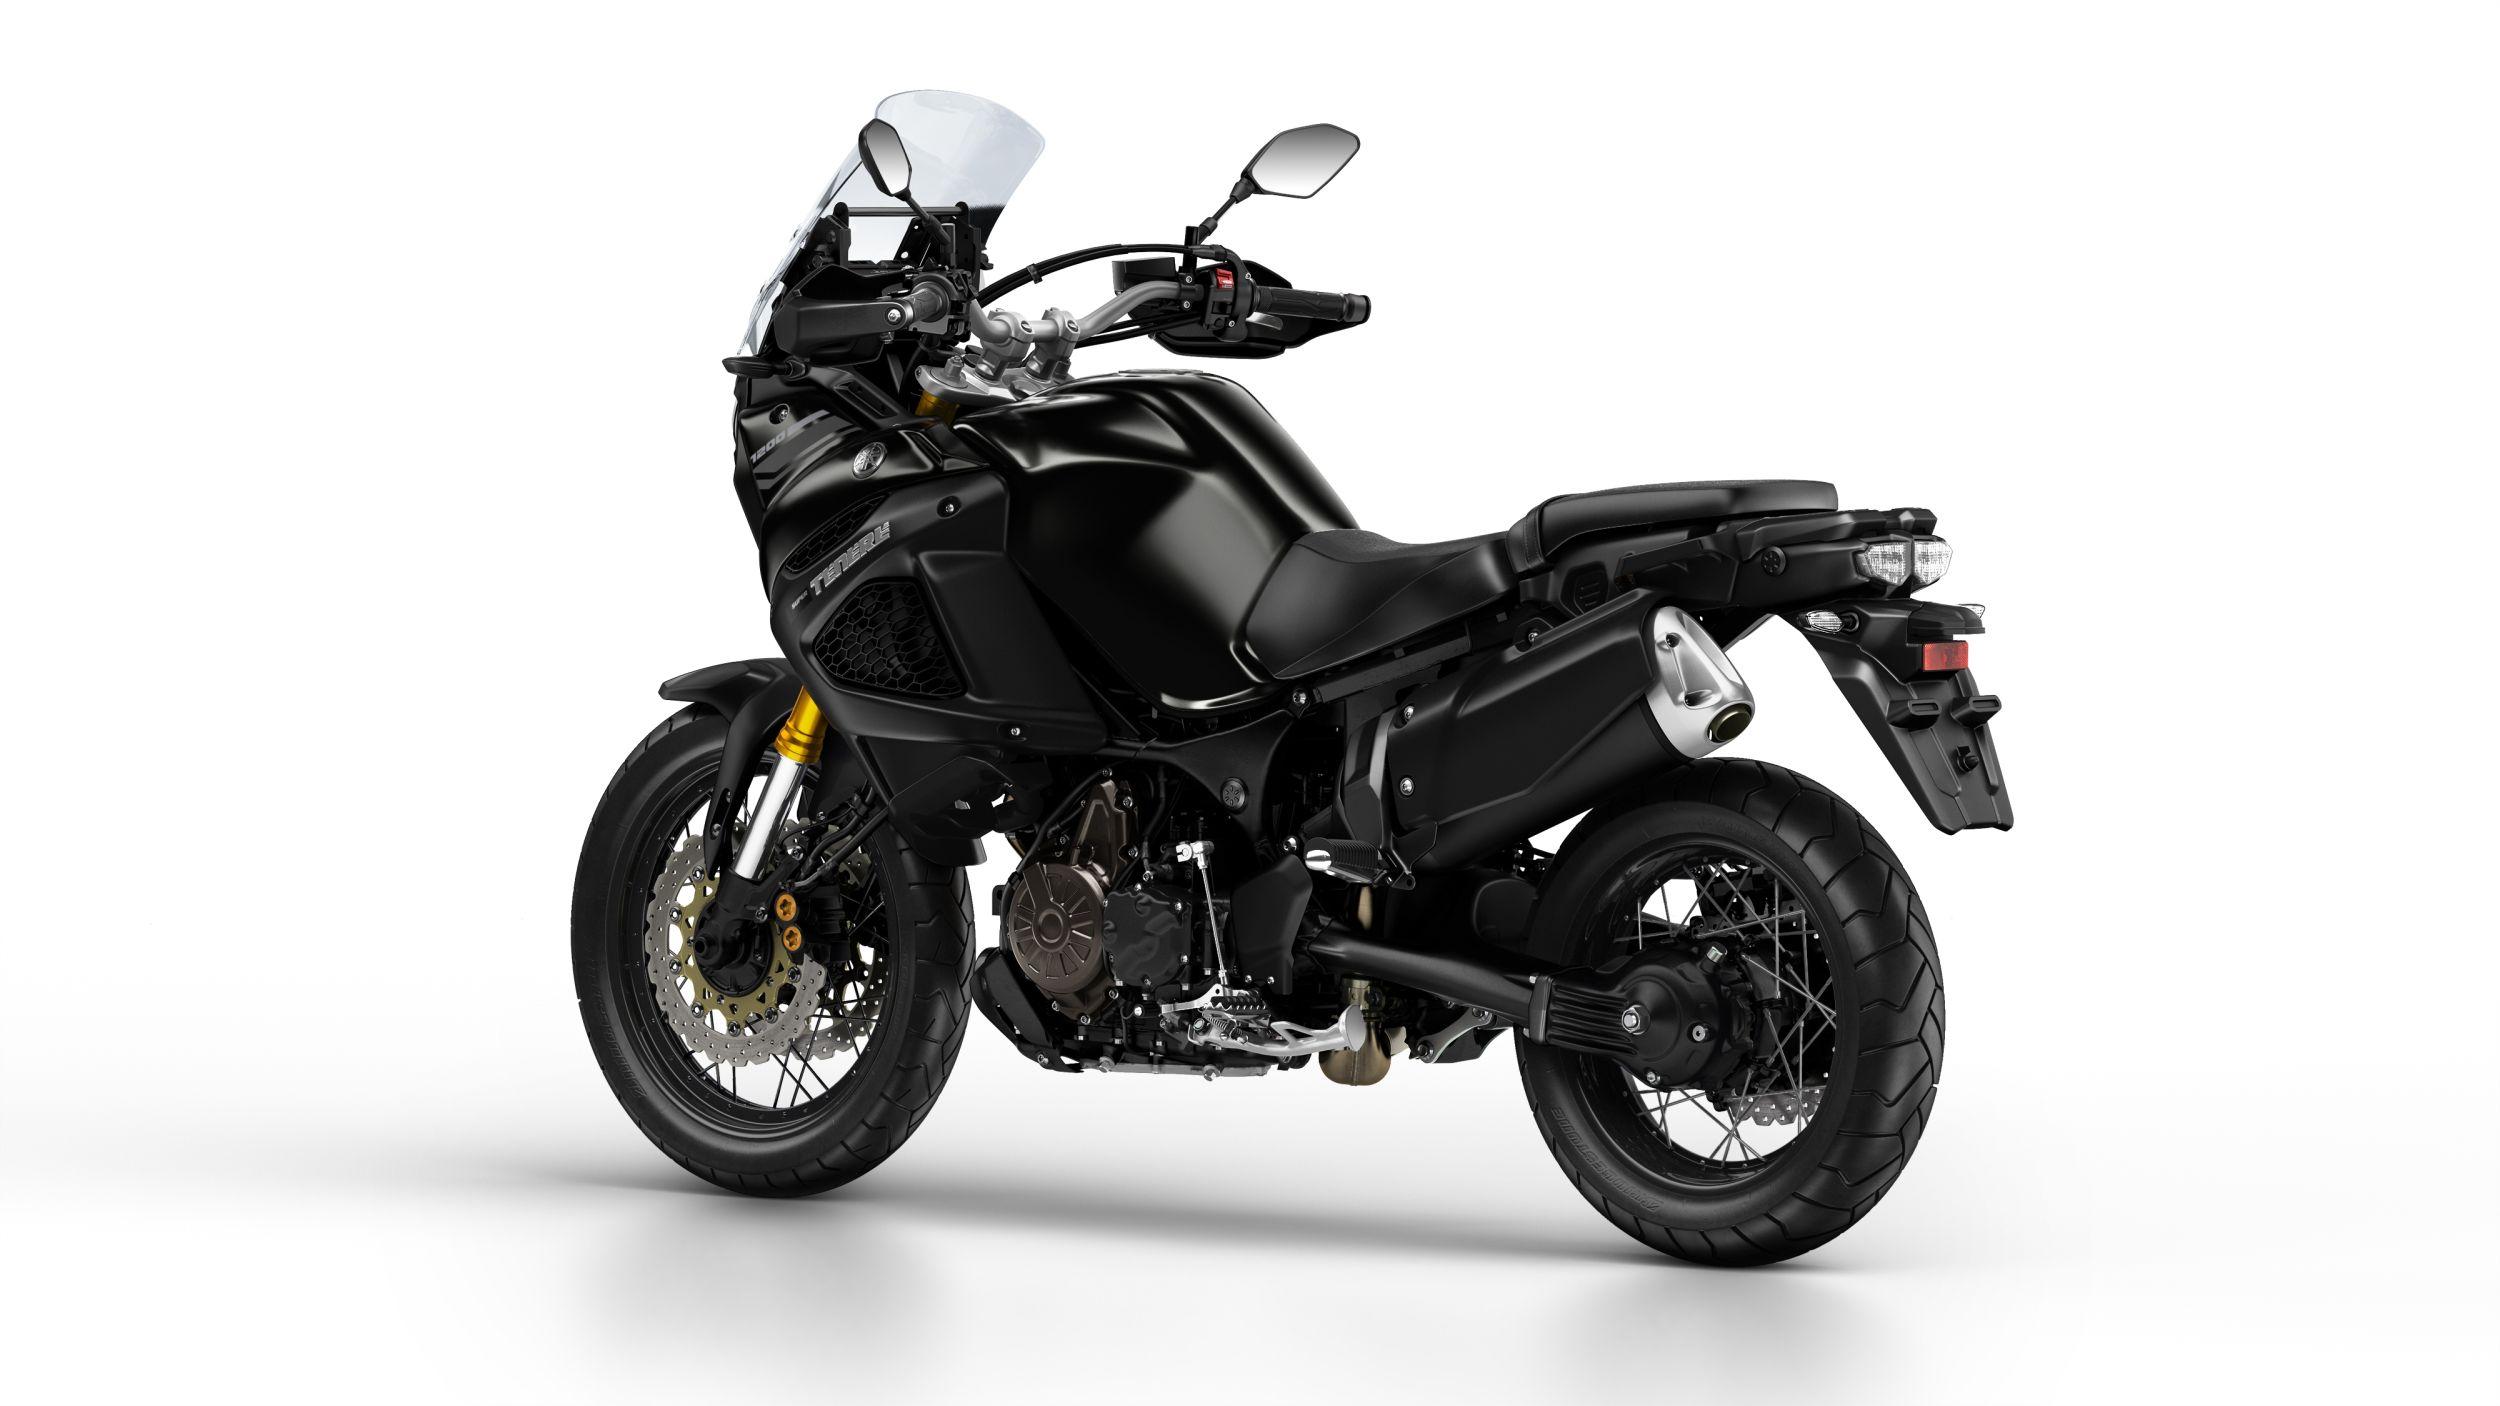 Yamaha Xtz Super Tenere Exhaust